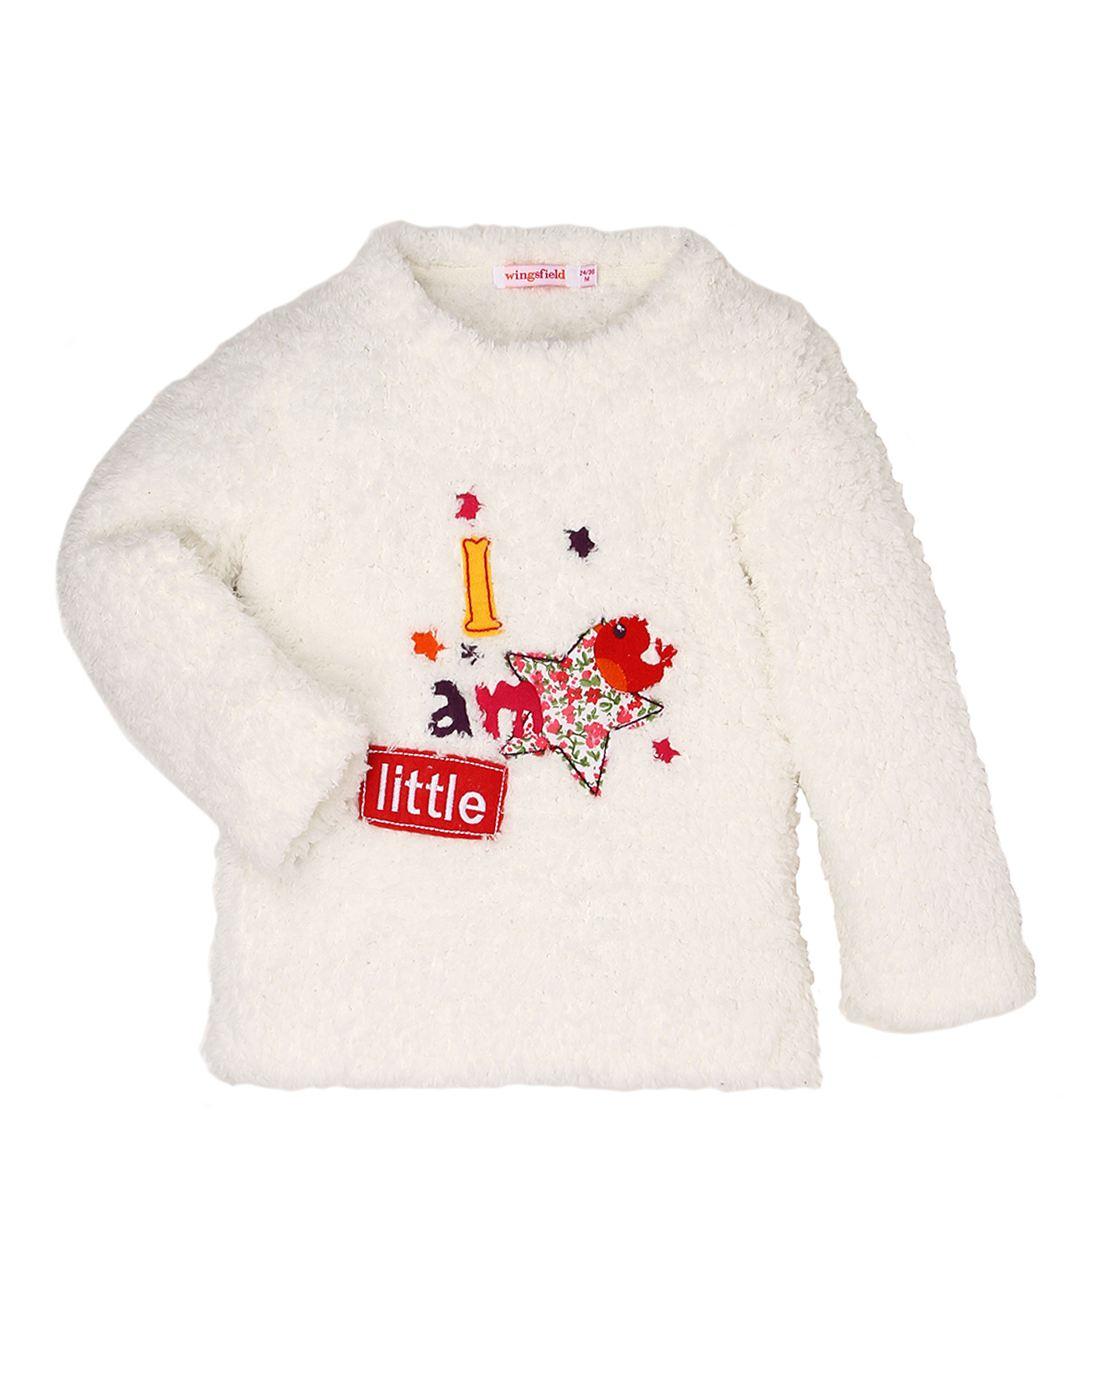 Wingsfield White Baby Girl Winter Wear Sweater